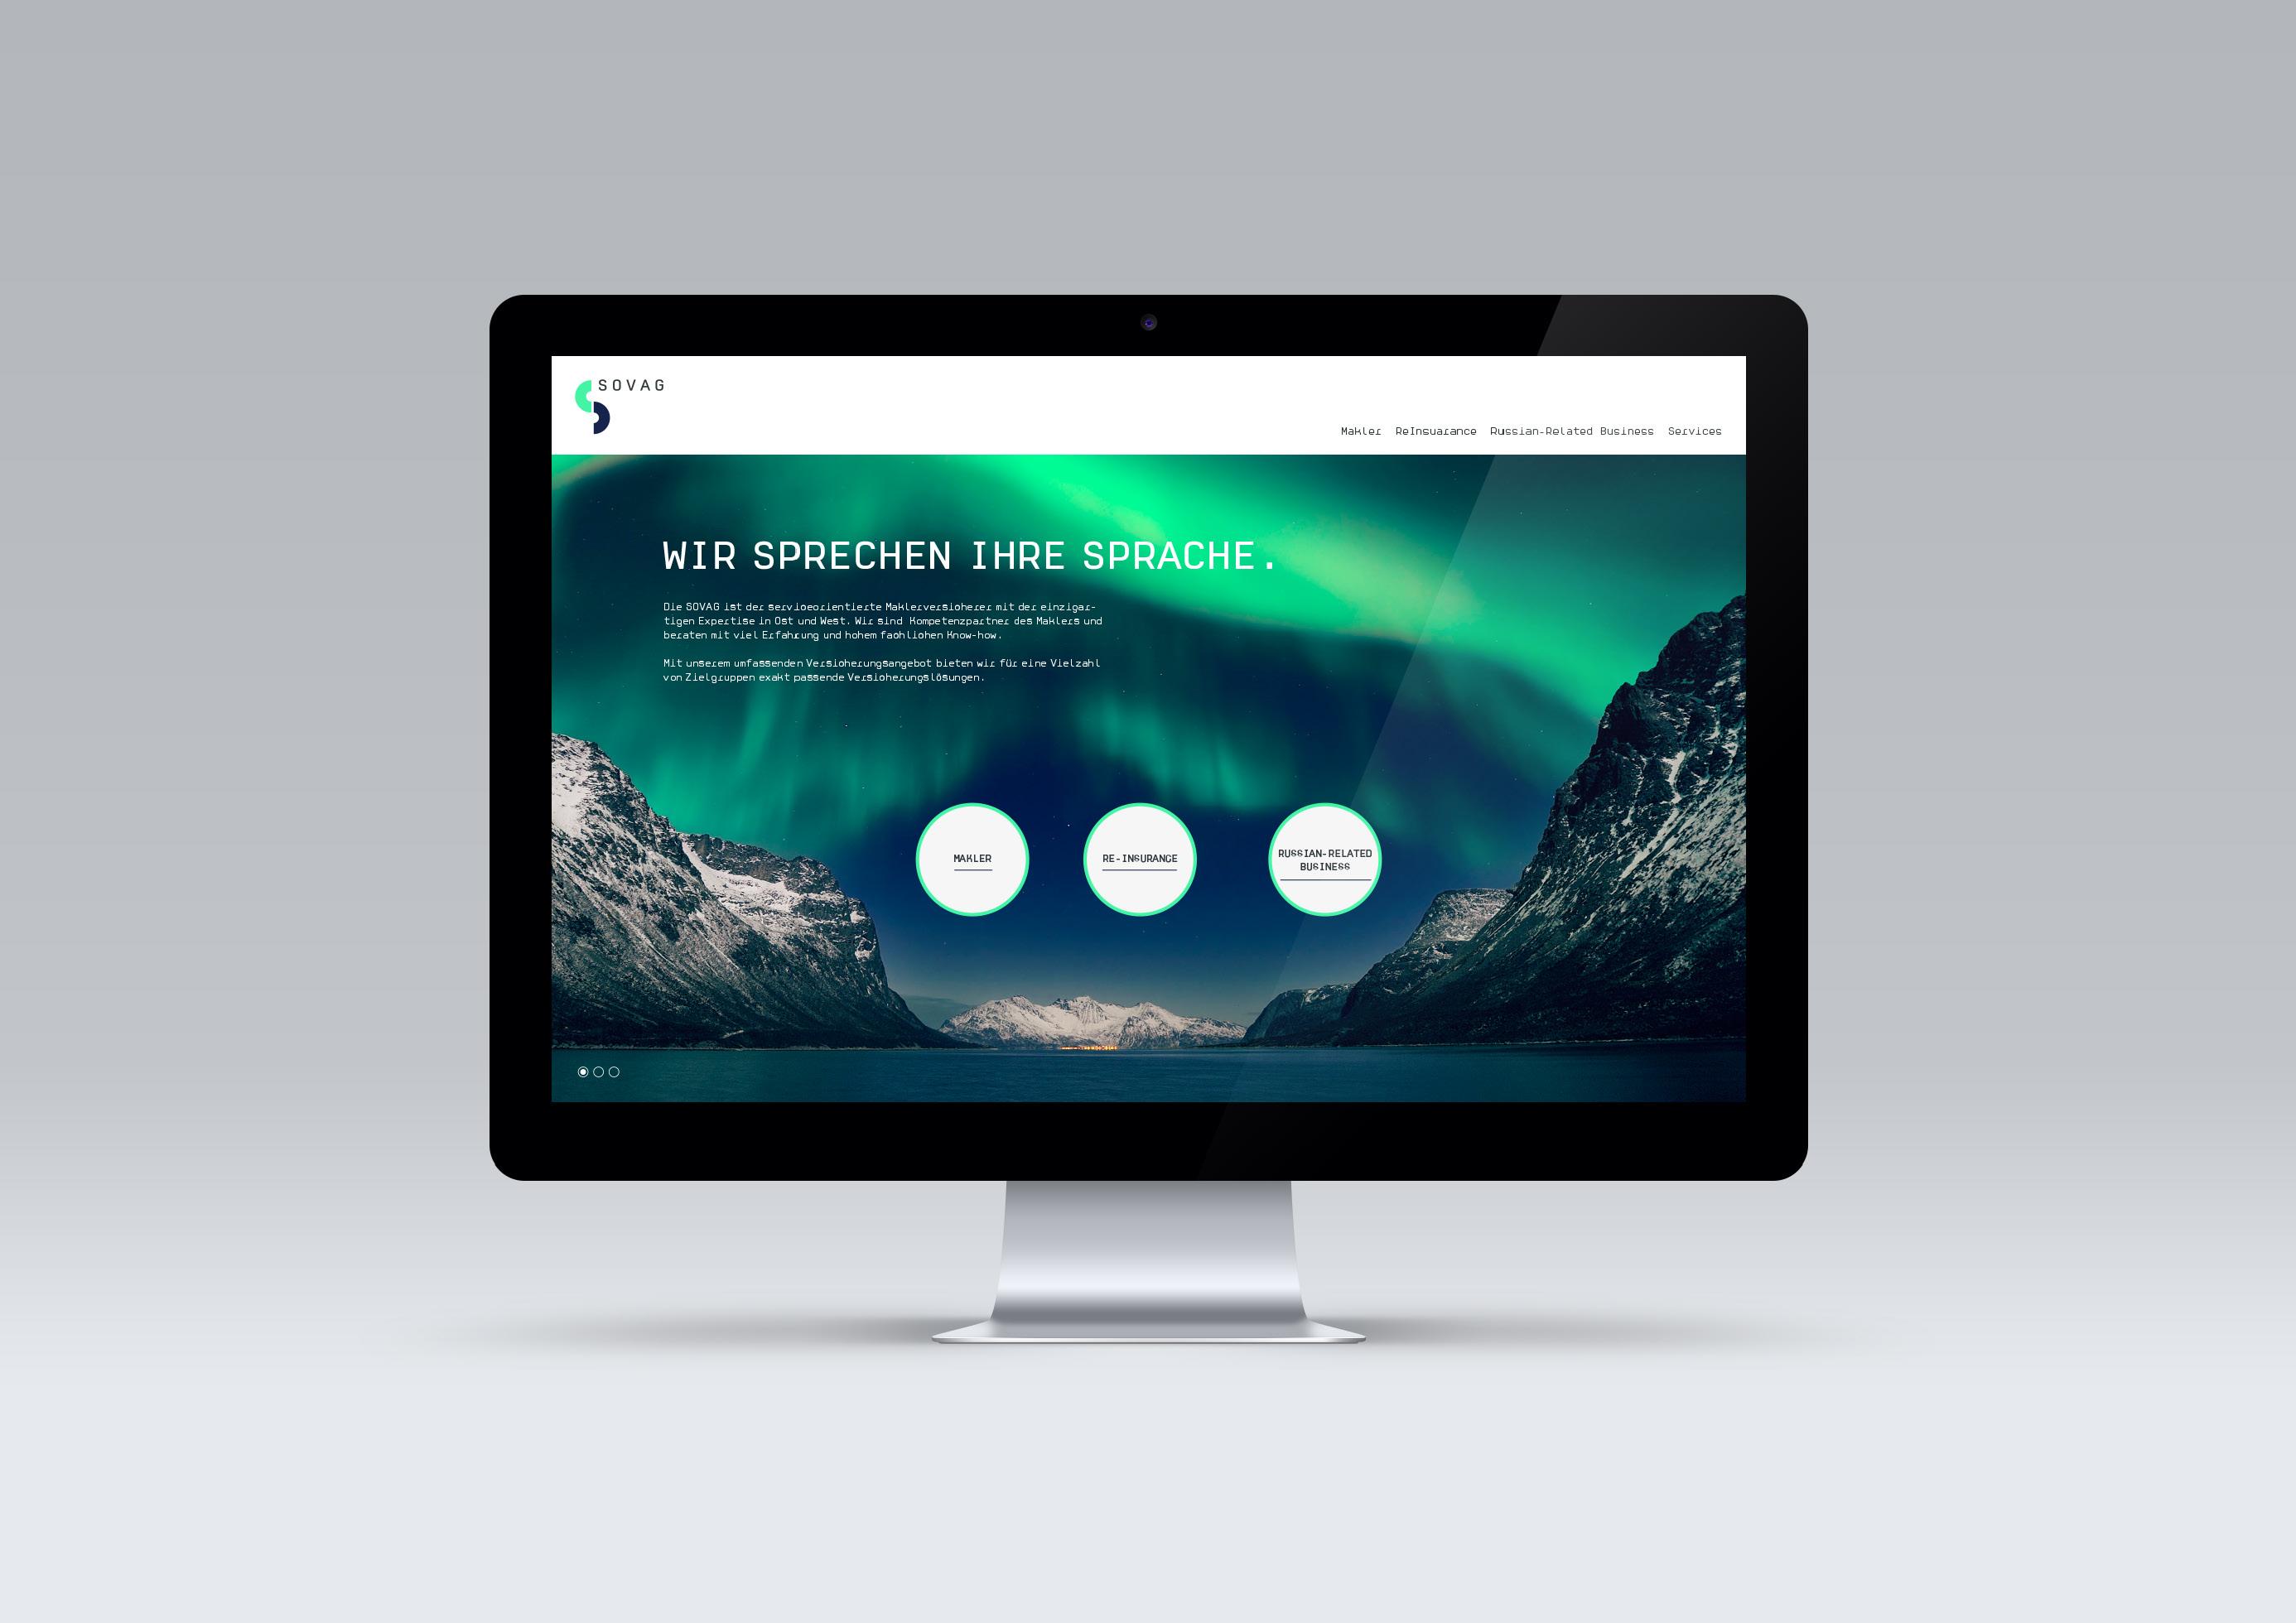 SOVAG Website